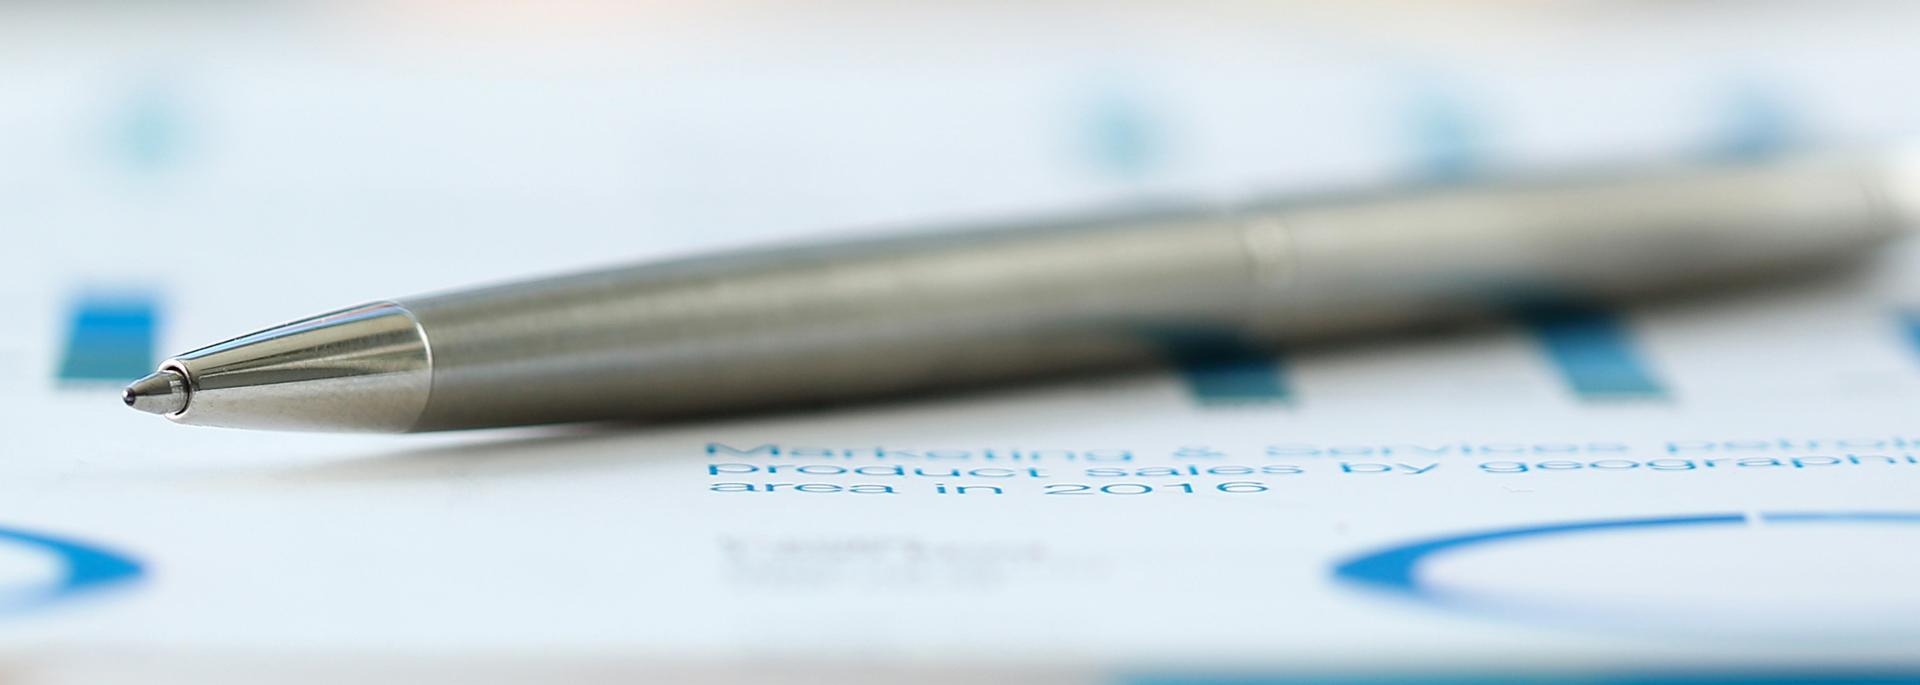 Kugelschreiber auf einem Blatt Papier